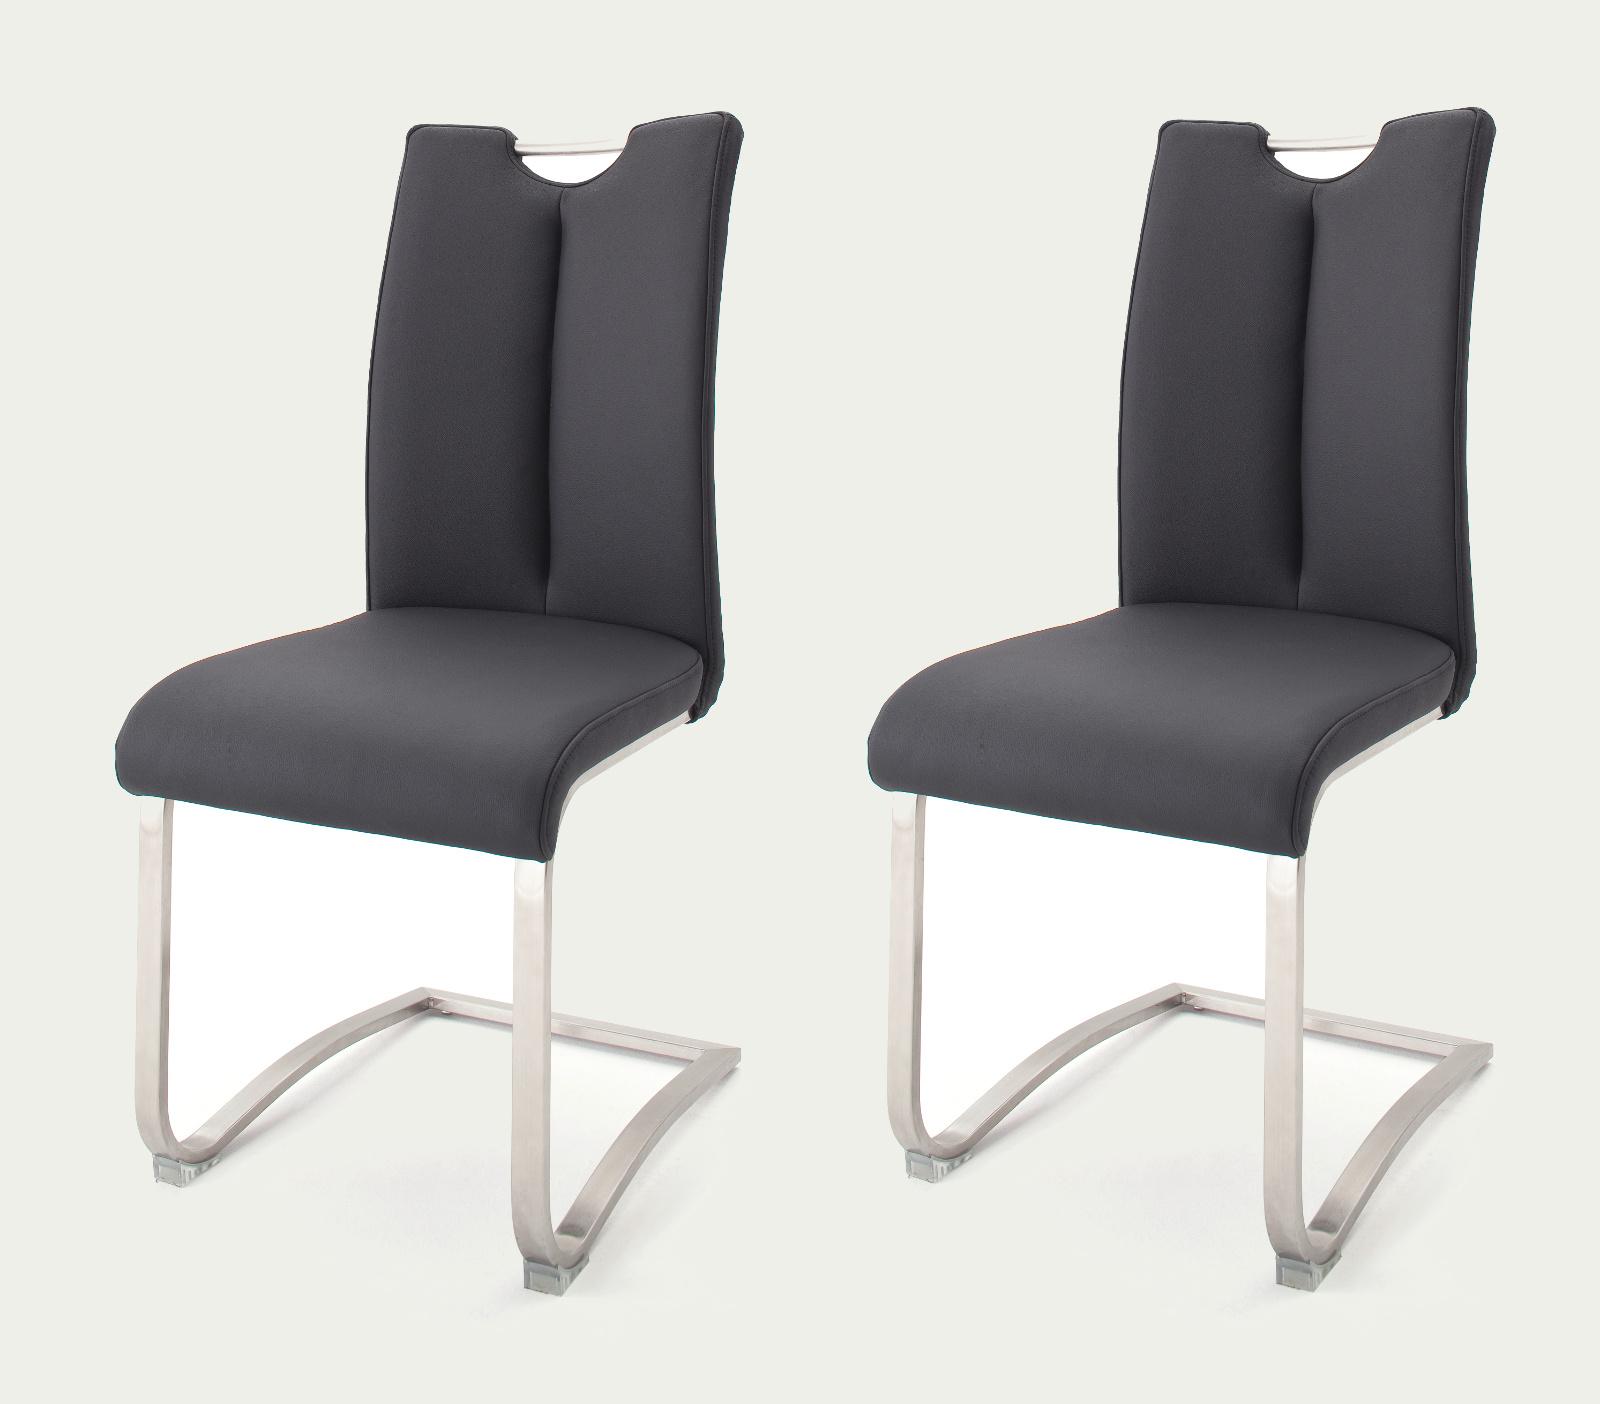 2 X Stuhl Artos In Schwarz Leder Und Edelstahl Freischwinger Mit Griffloch Flachrohr Esszimmerstuhl 2er Set